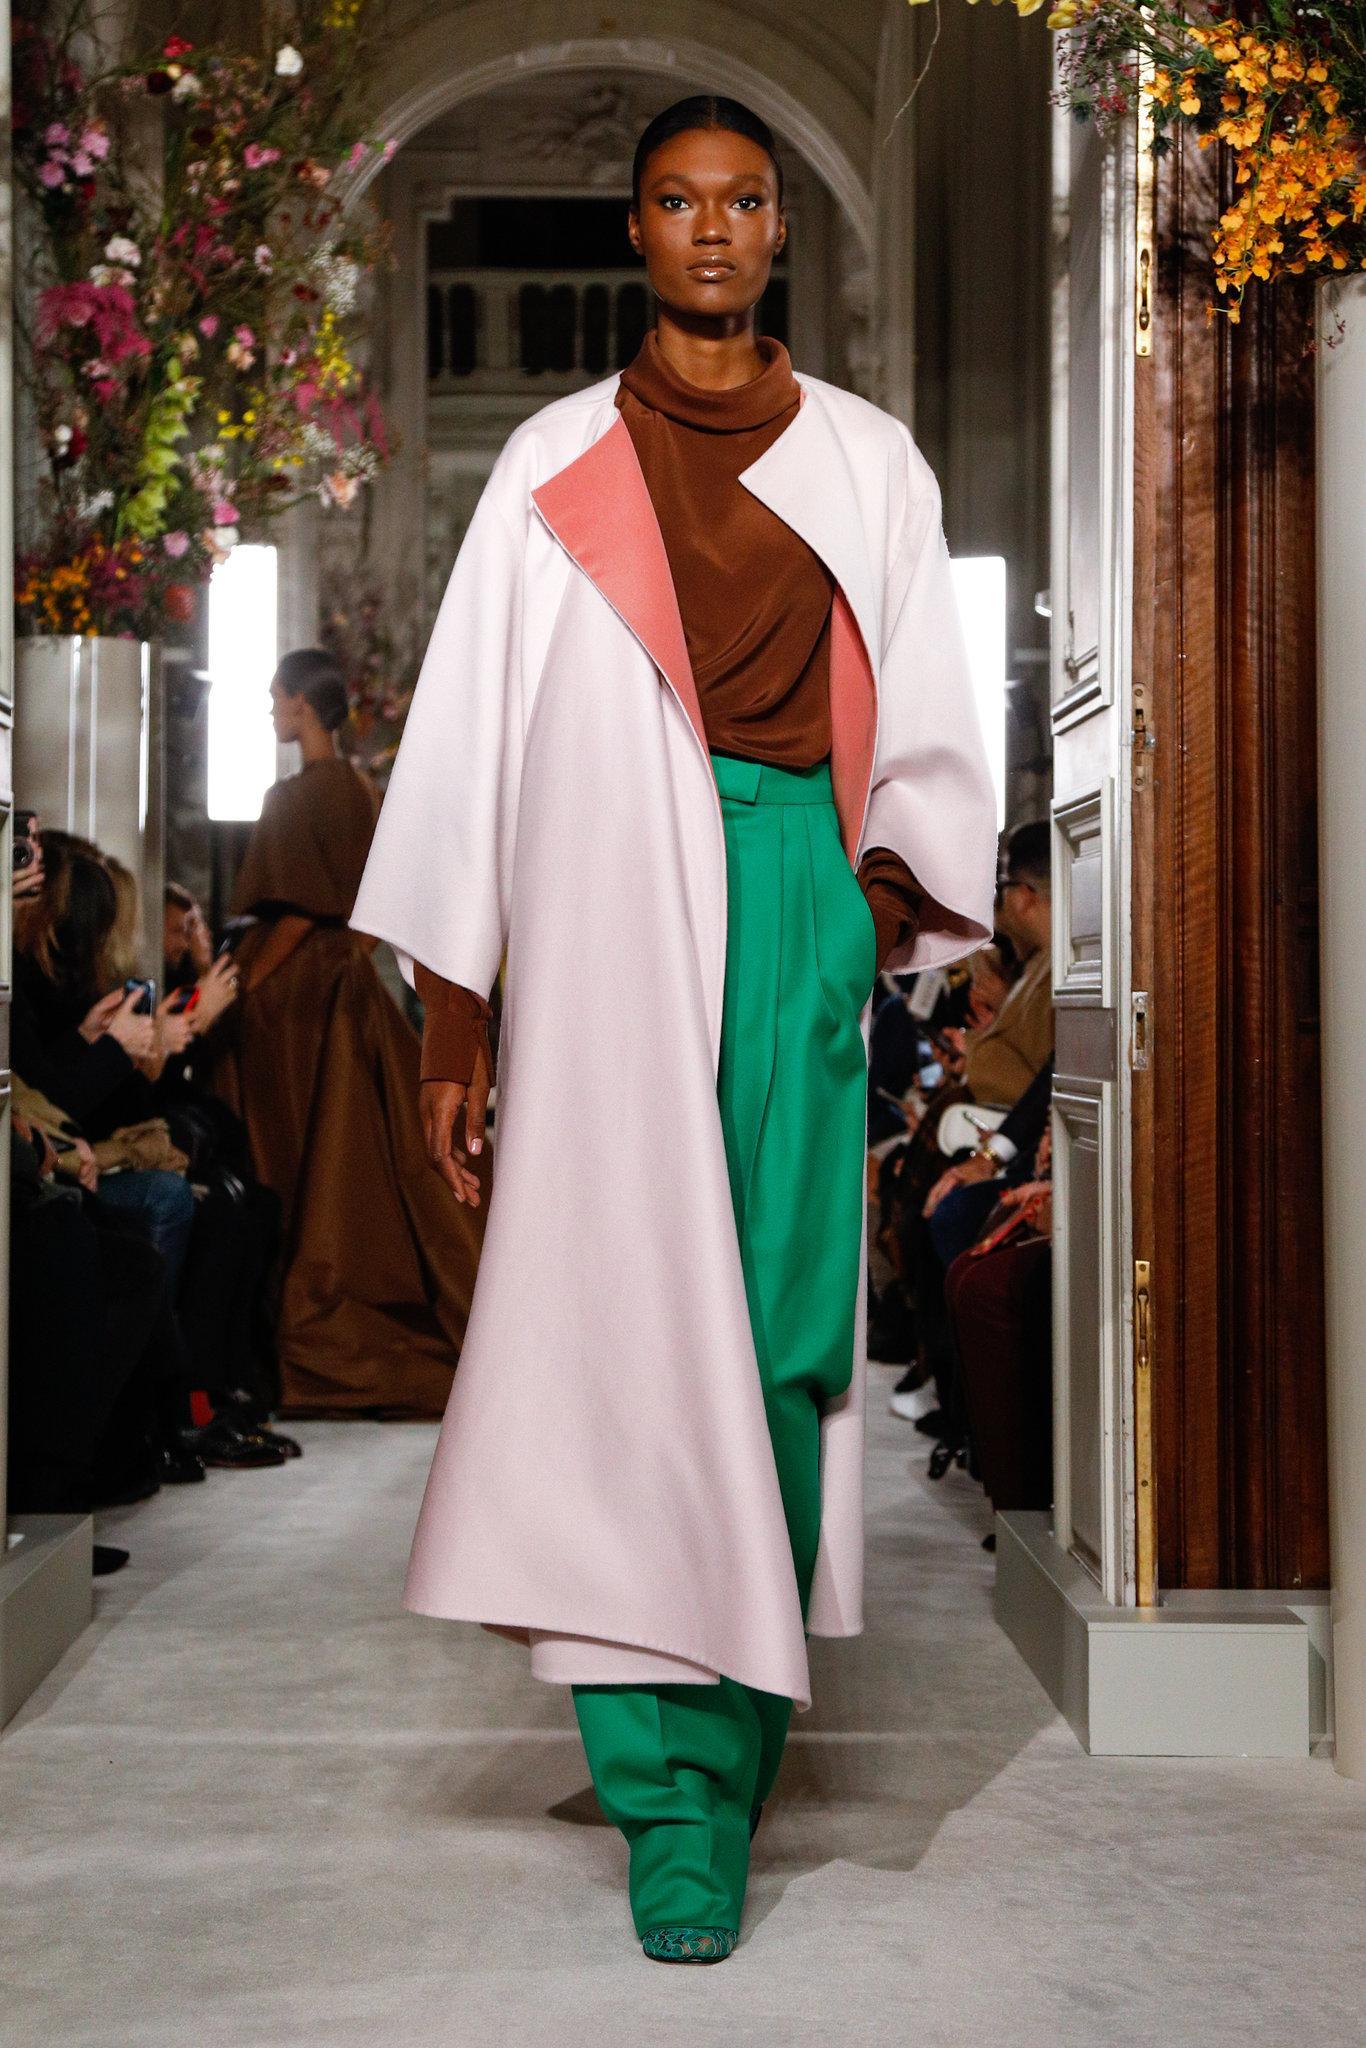 Valen-spring-2019-couture-slide-W4FL-superJumbo.jpg